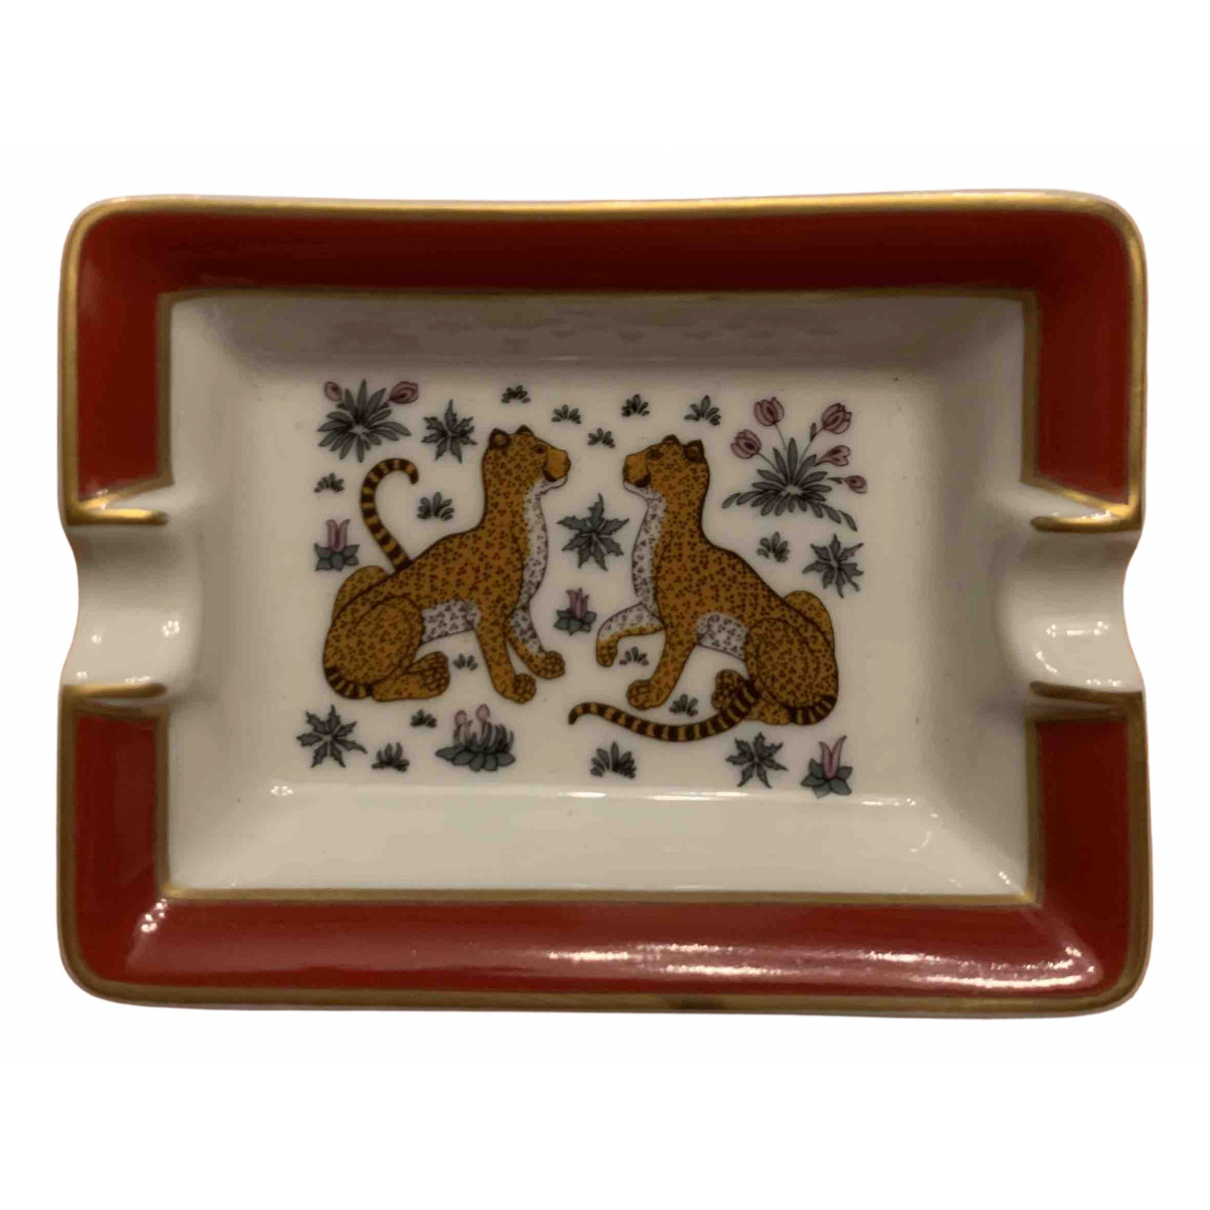 Hermes - Objets & Deco Les Leopards pour lifestyle en porcelaine - rouge